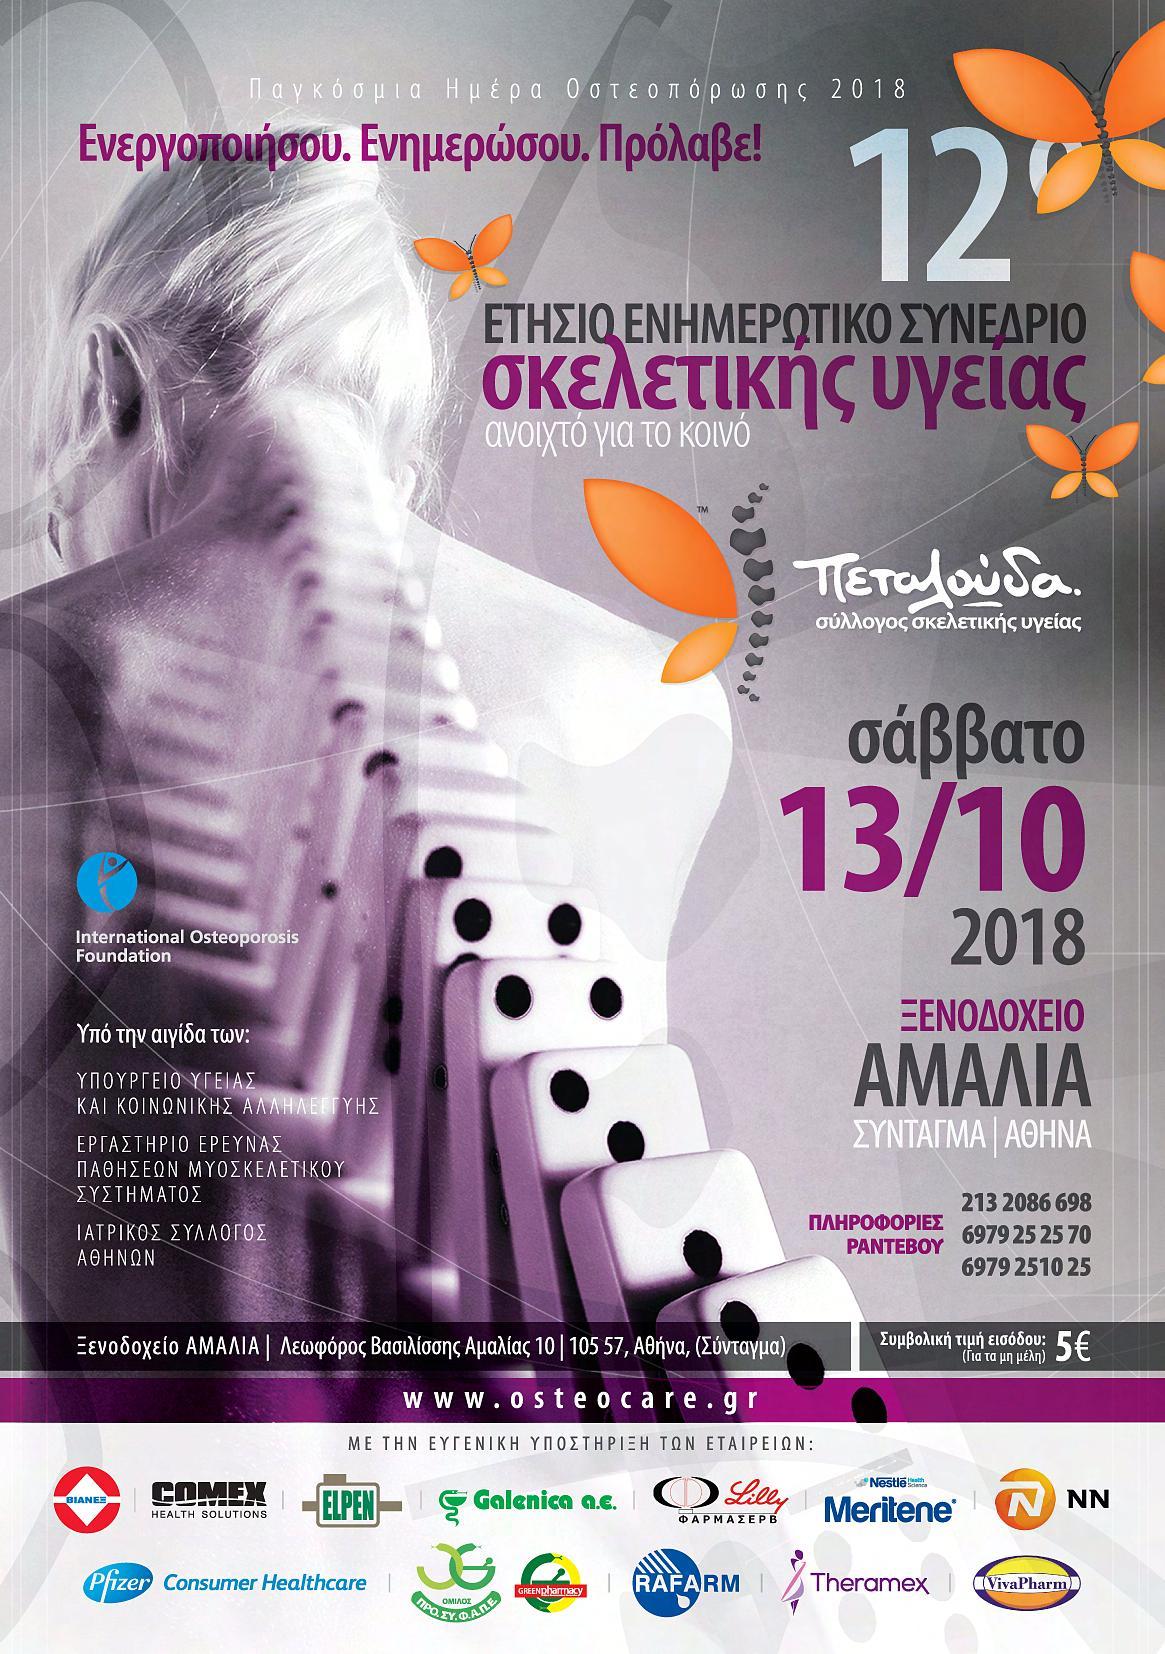 12ο Συνέδριο Σκελετικής Υγείας 2018!